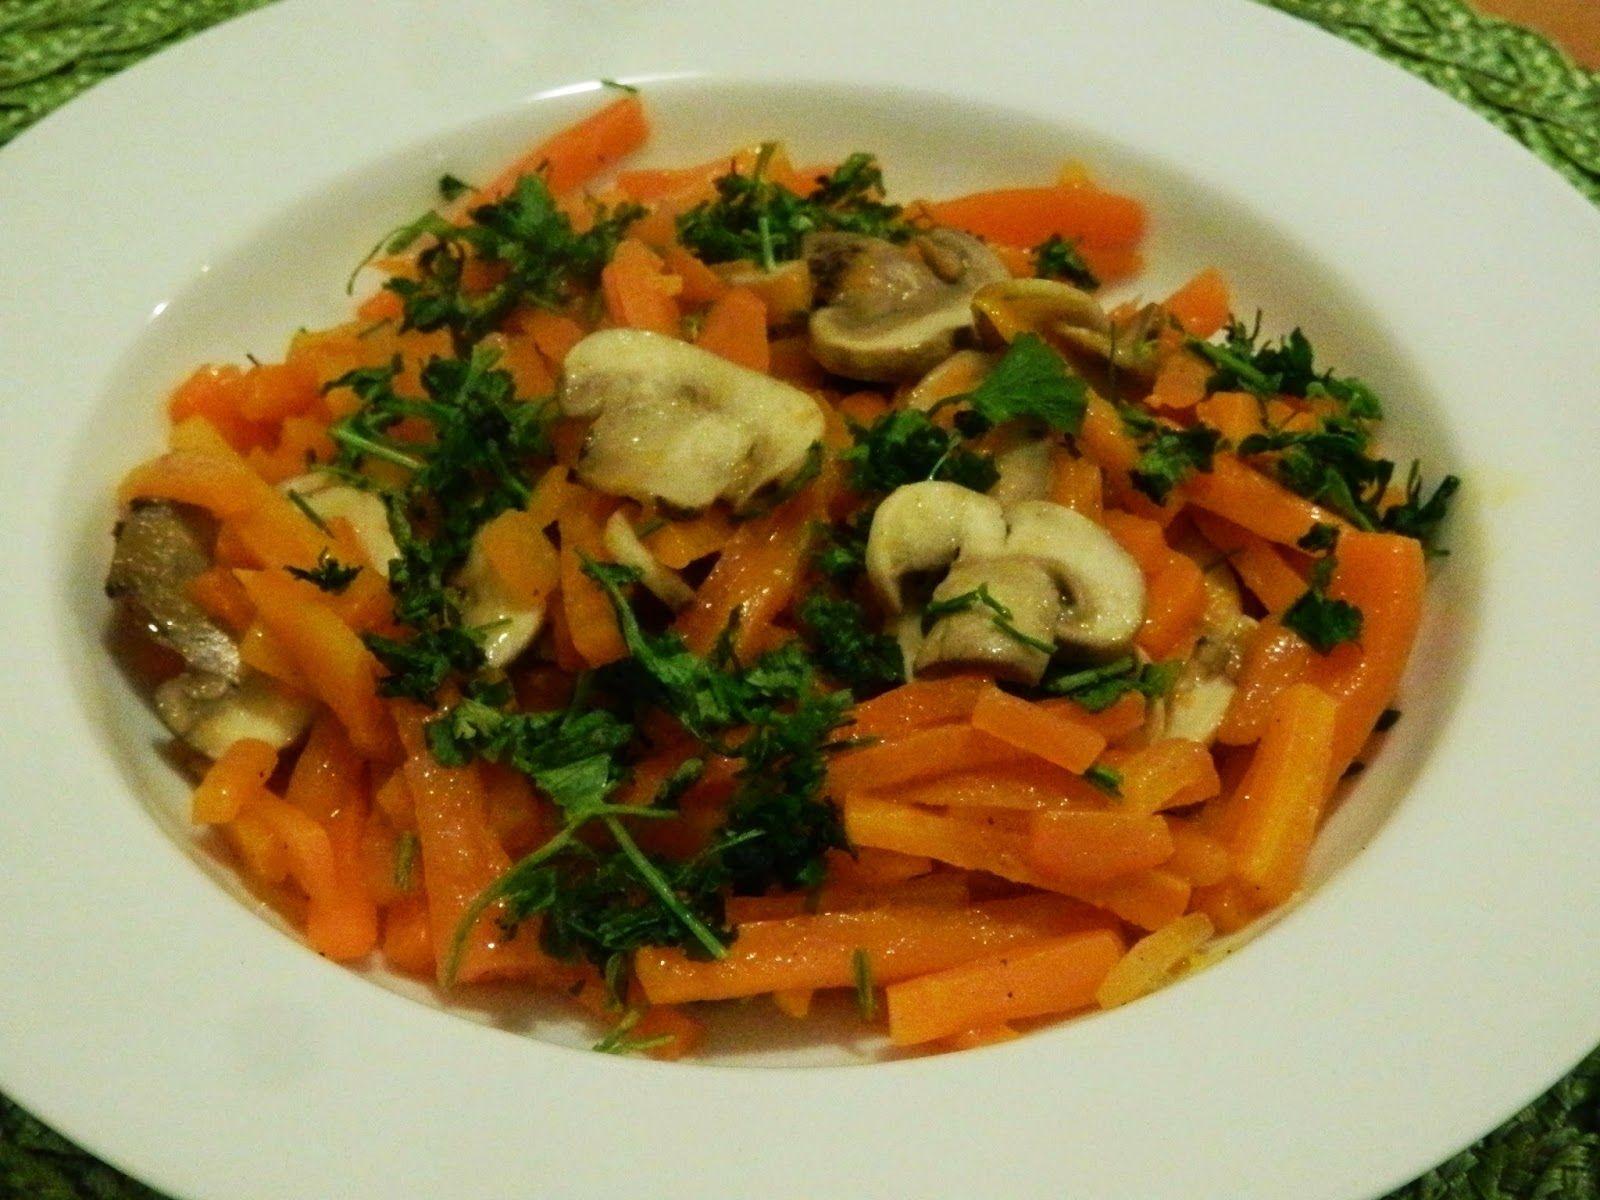 Champiñones con zanahorias. Receta paso a paso con fotos: http://katiachile.blogspot.com/2014/08/zanahorias-con-champinones.html